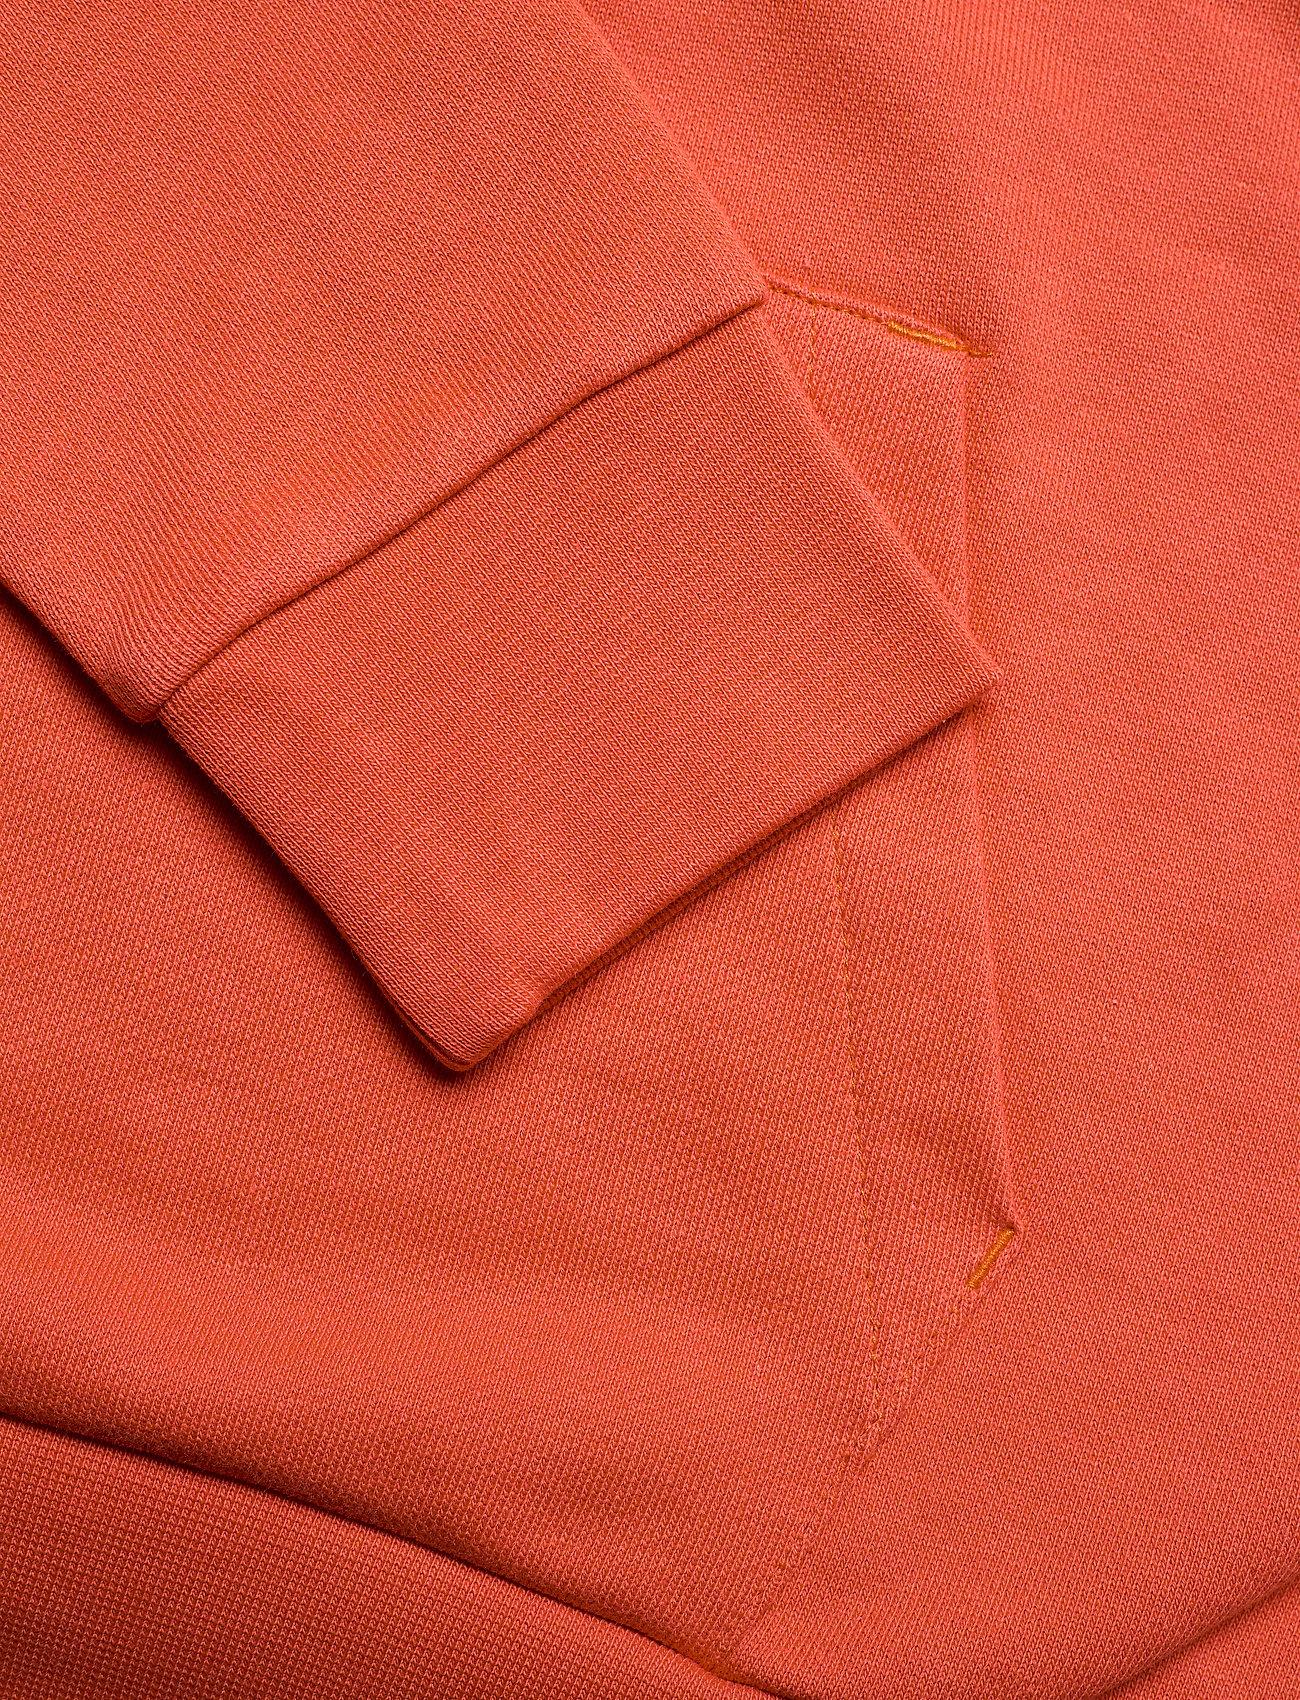 Lyle & Scott - Hoodie - sweatshirts & hoodies - paprika orange - 3